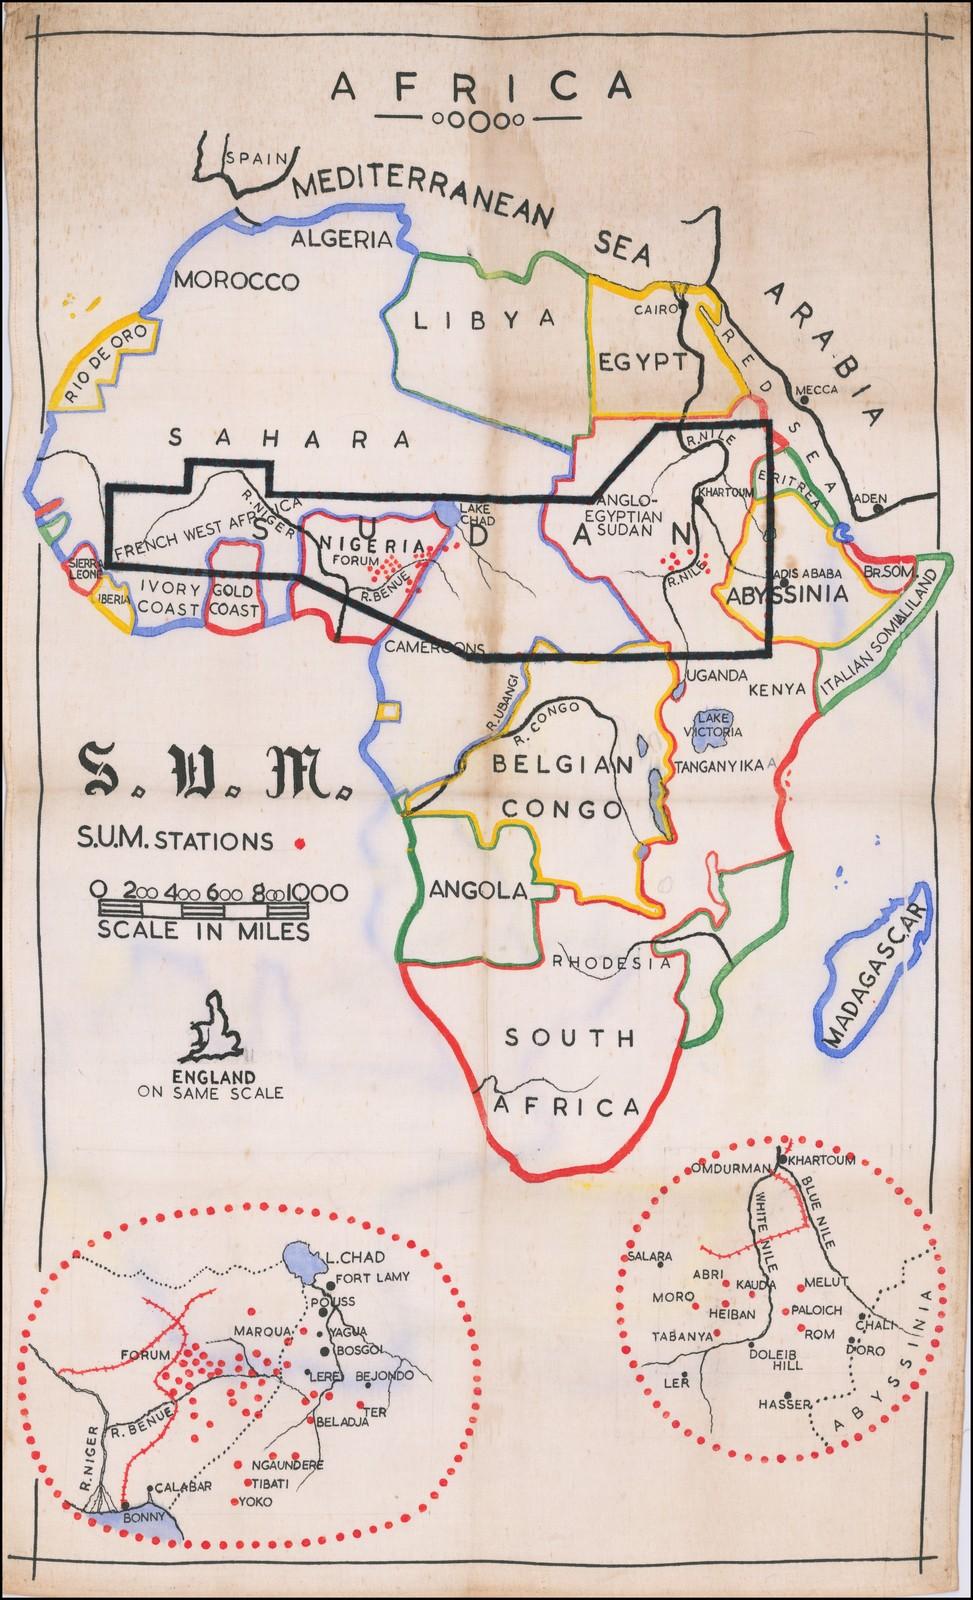 Старинная карта, показывающая Африку Объединенной миссией Судана, сделанная в 1920 году